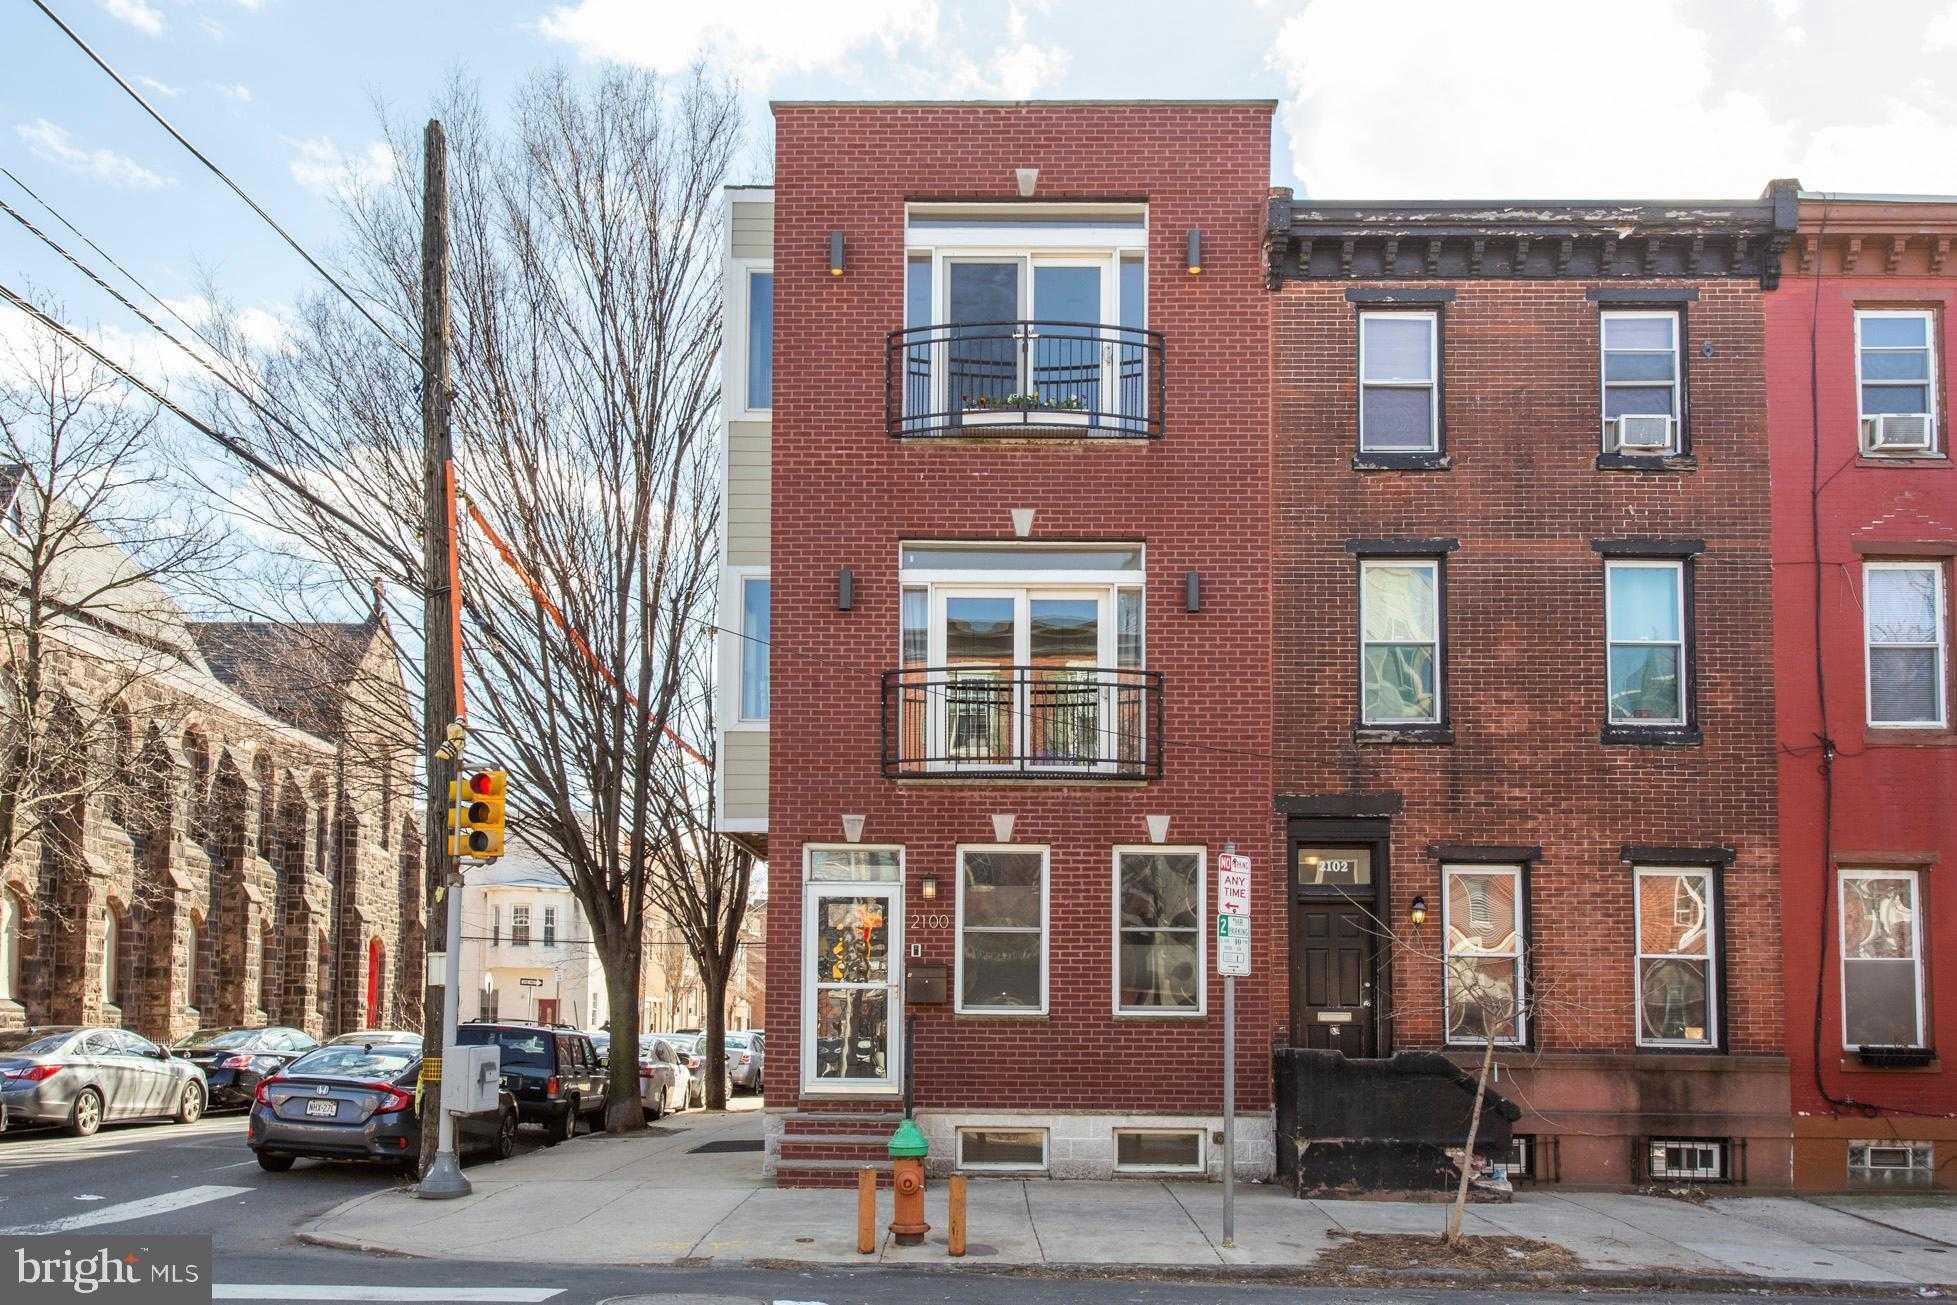 $374,900 - 2Br/2Ba -  for Sale in Graduate Hospital, Philadelphia